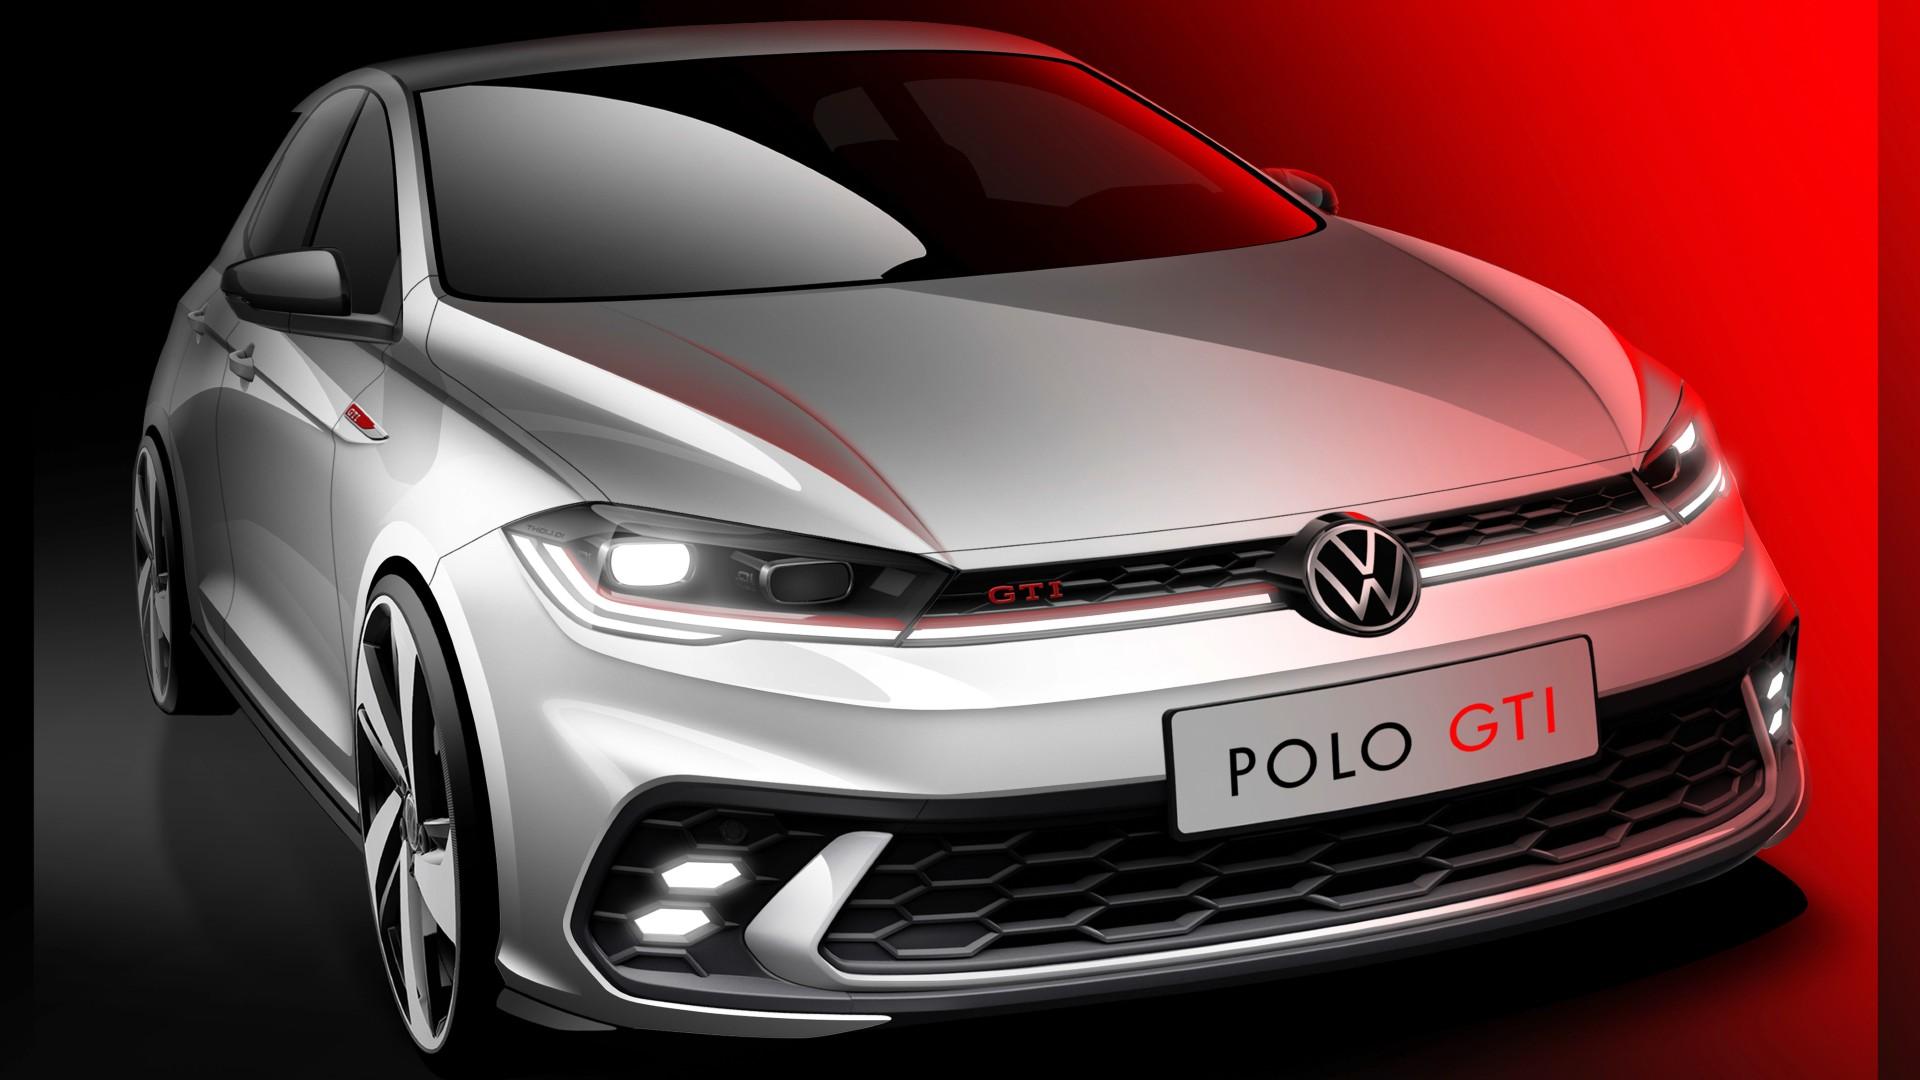 Μετά το απλό VW Polo έρχεται και η έκδοση GTI